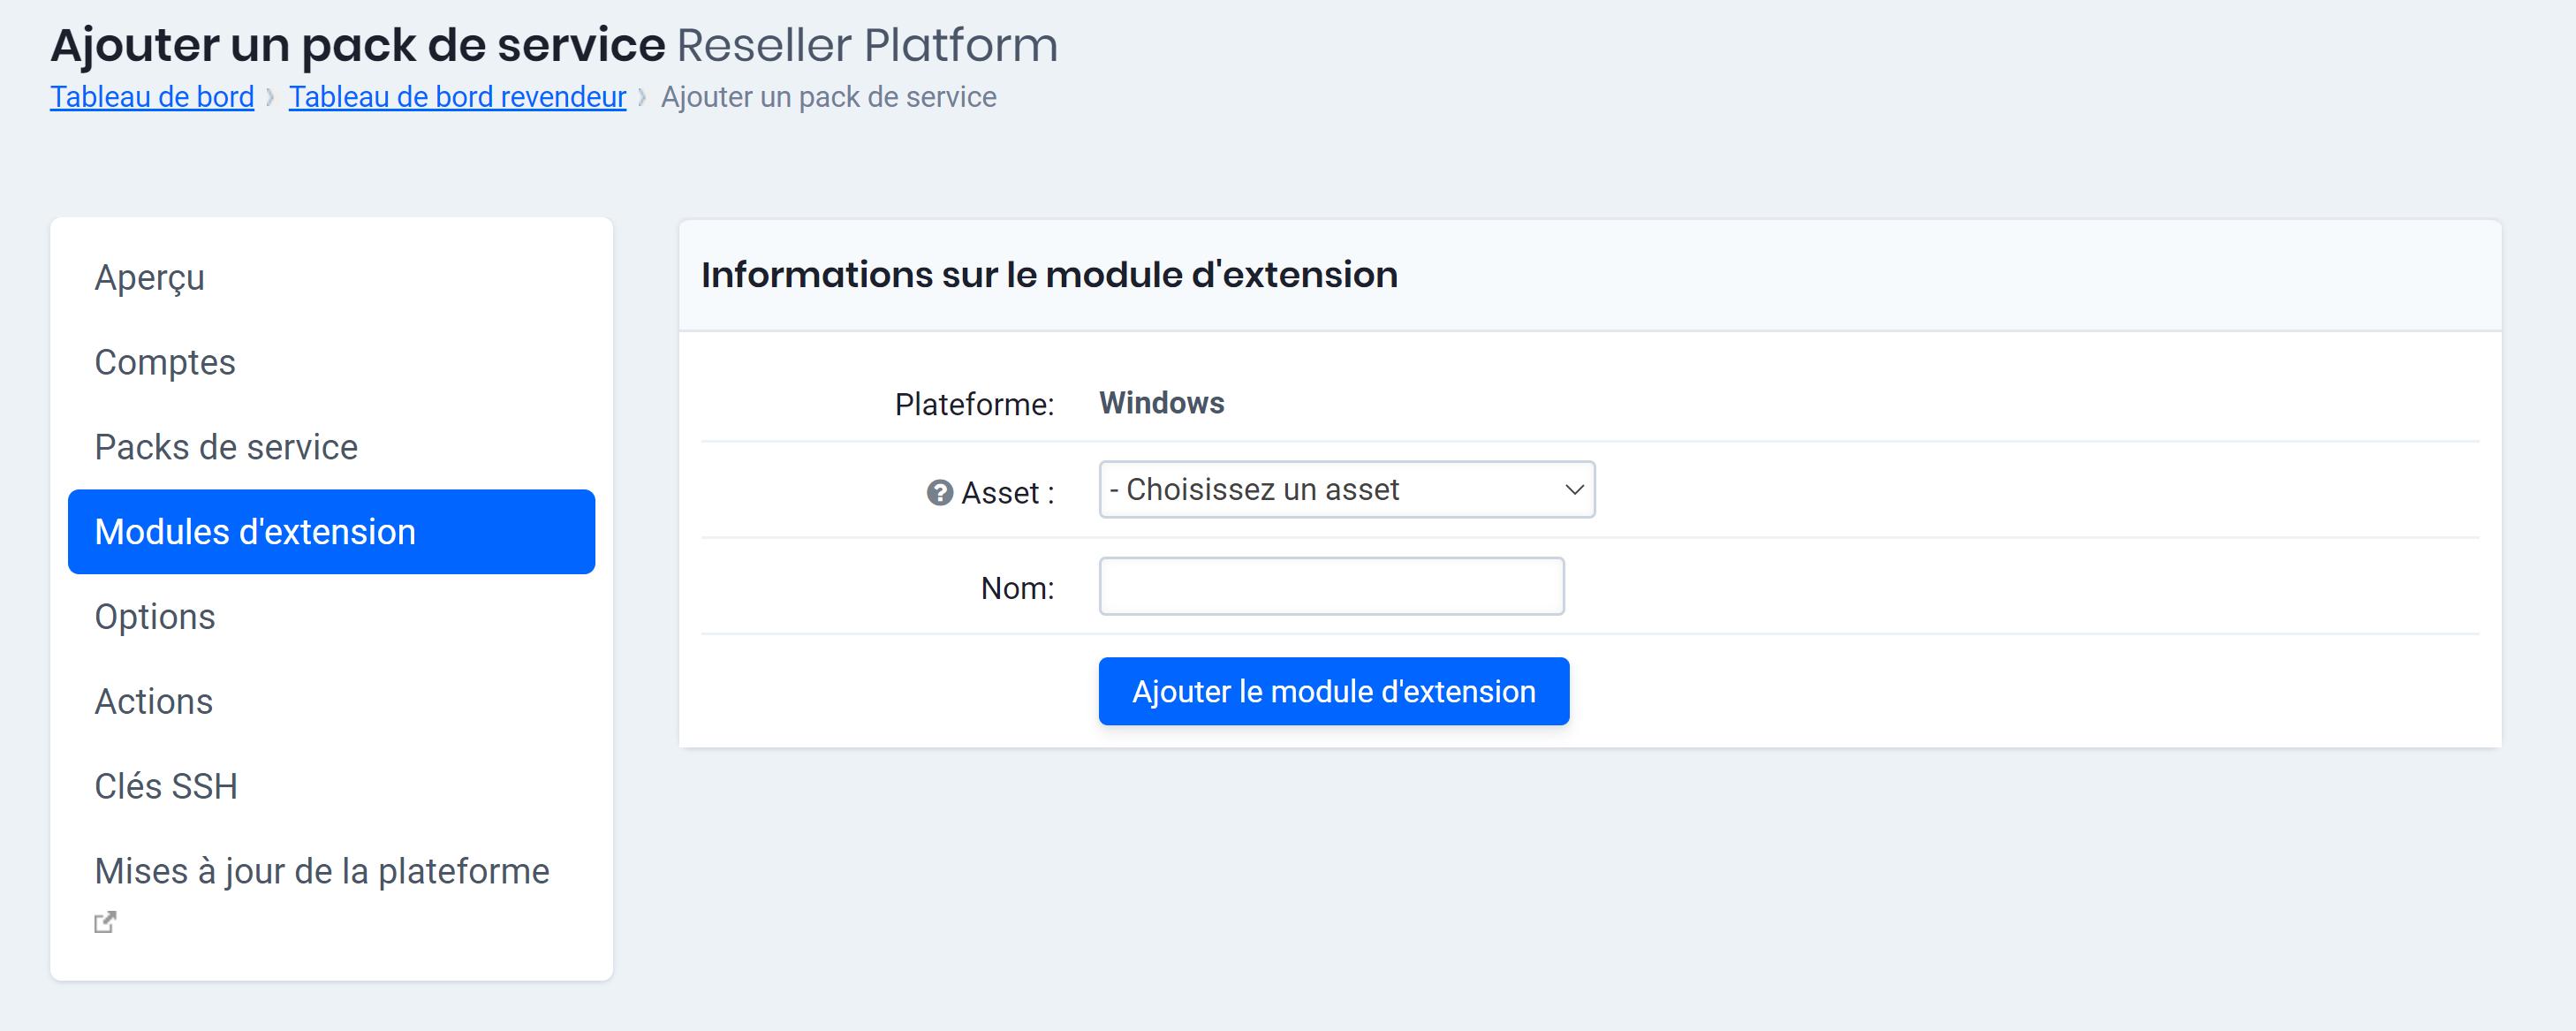 Choisissez une caractéristique (asset) pour le module d'extension